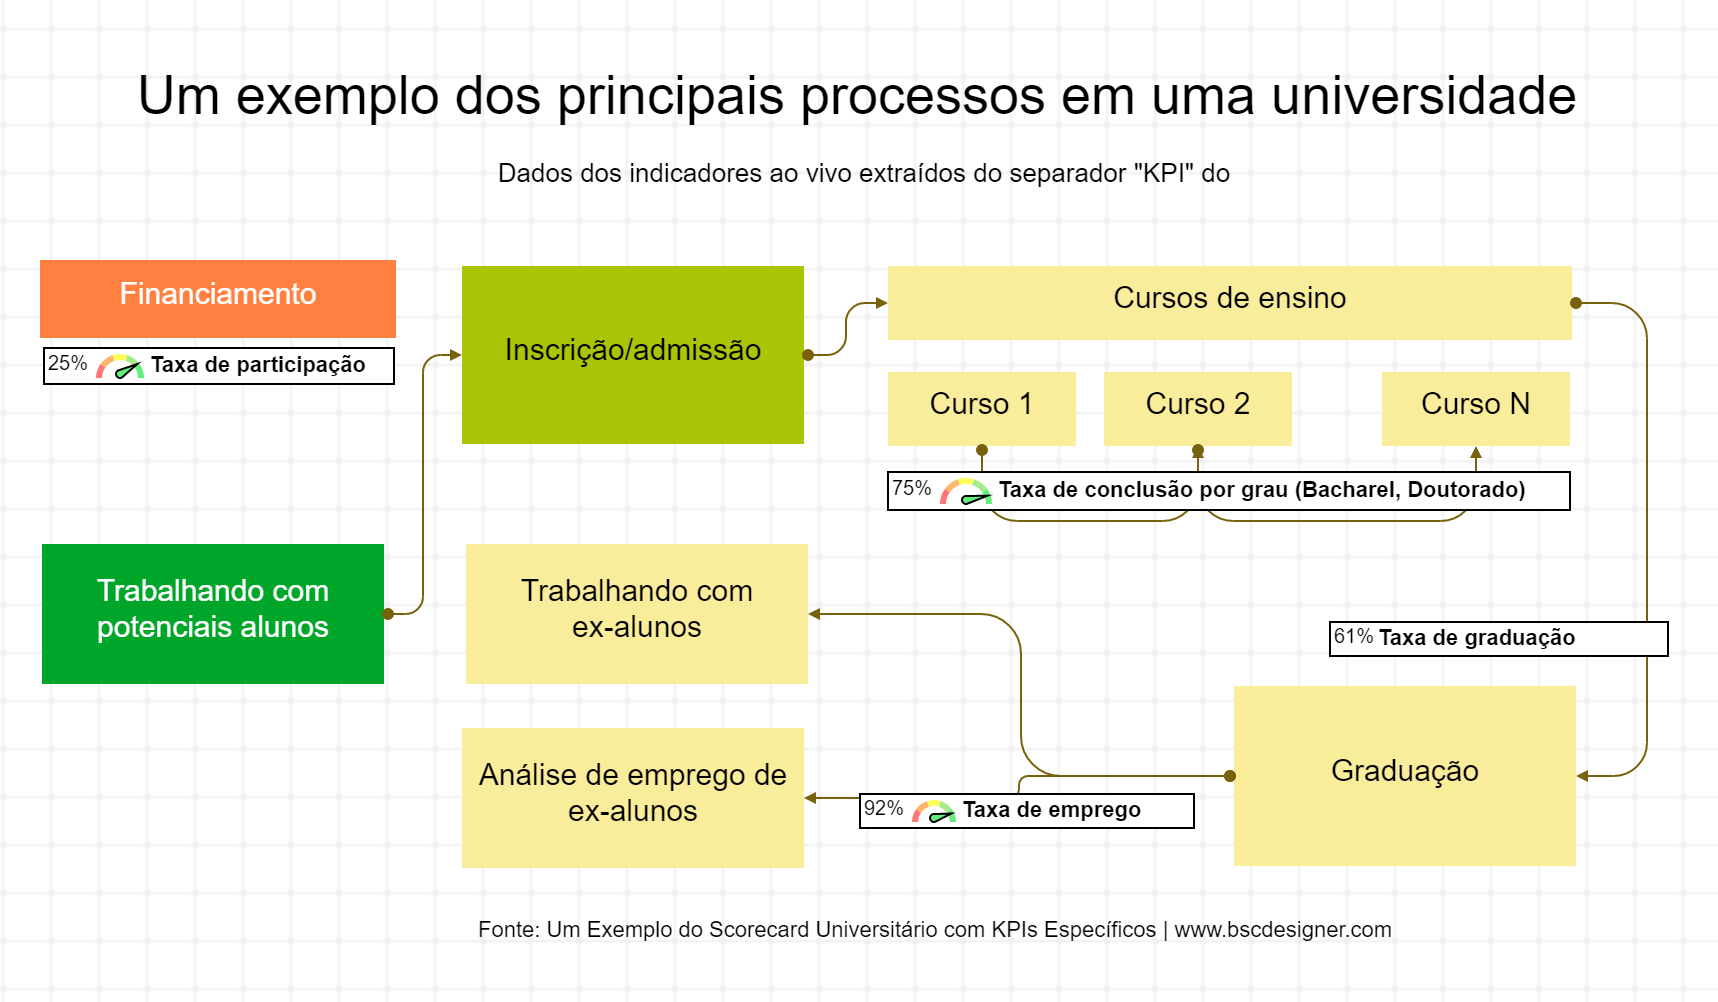 Um exemplo dos principais processos em uma universidade